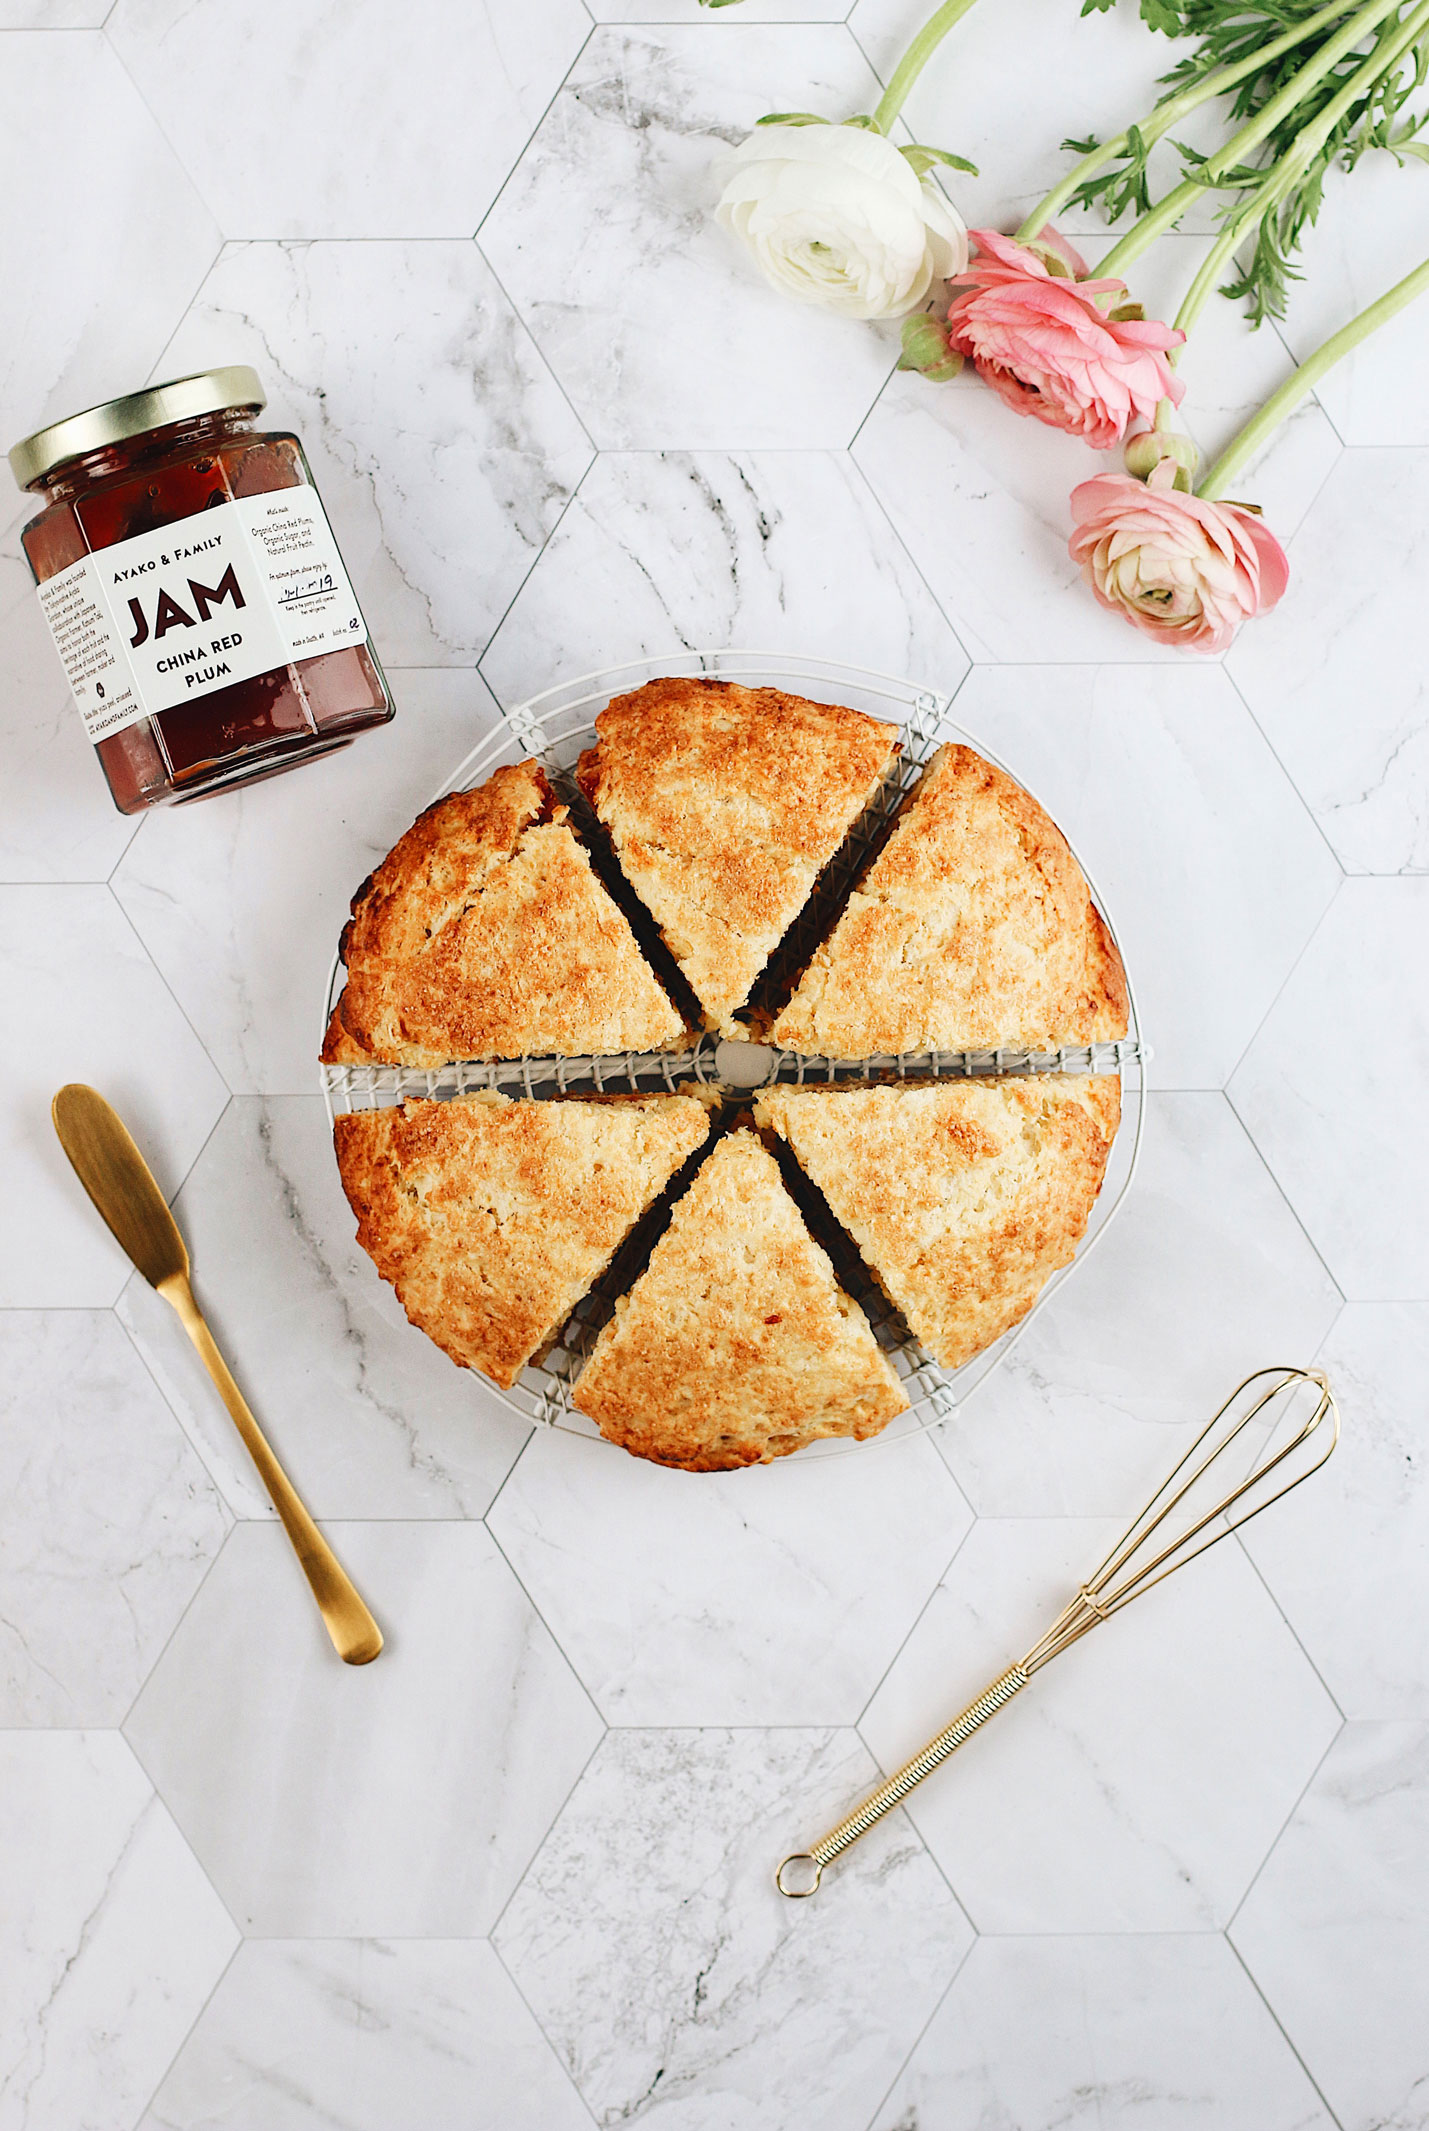 jam-scone-kate-wood-whole